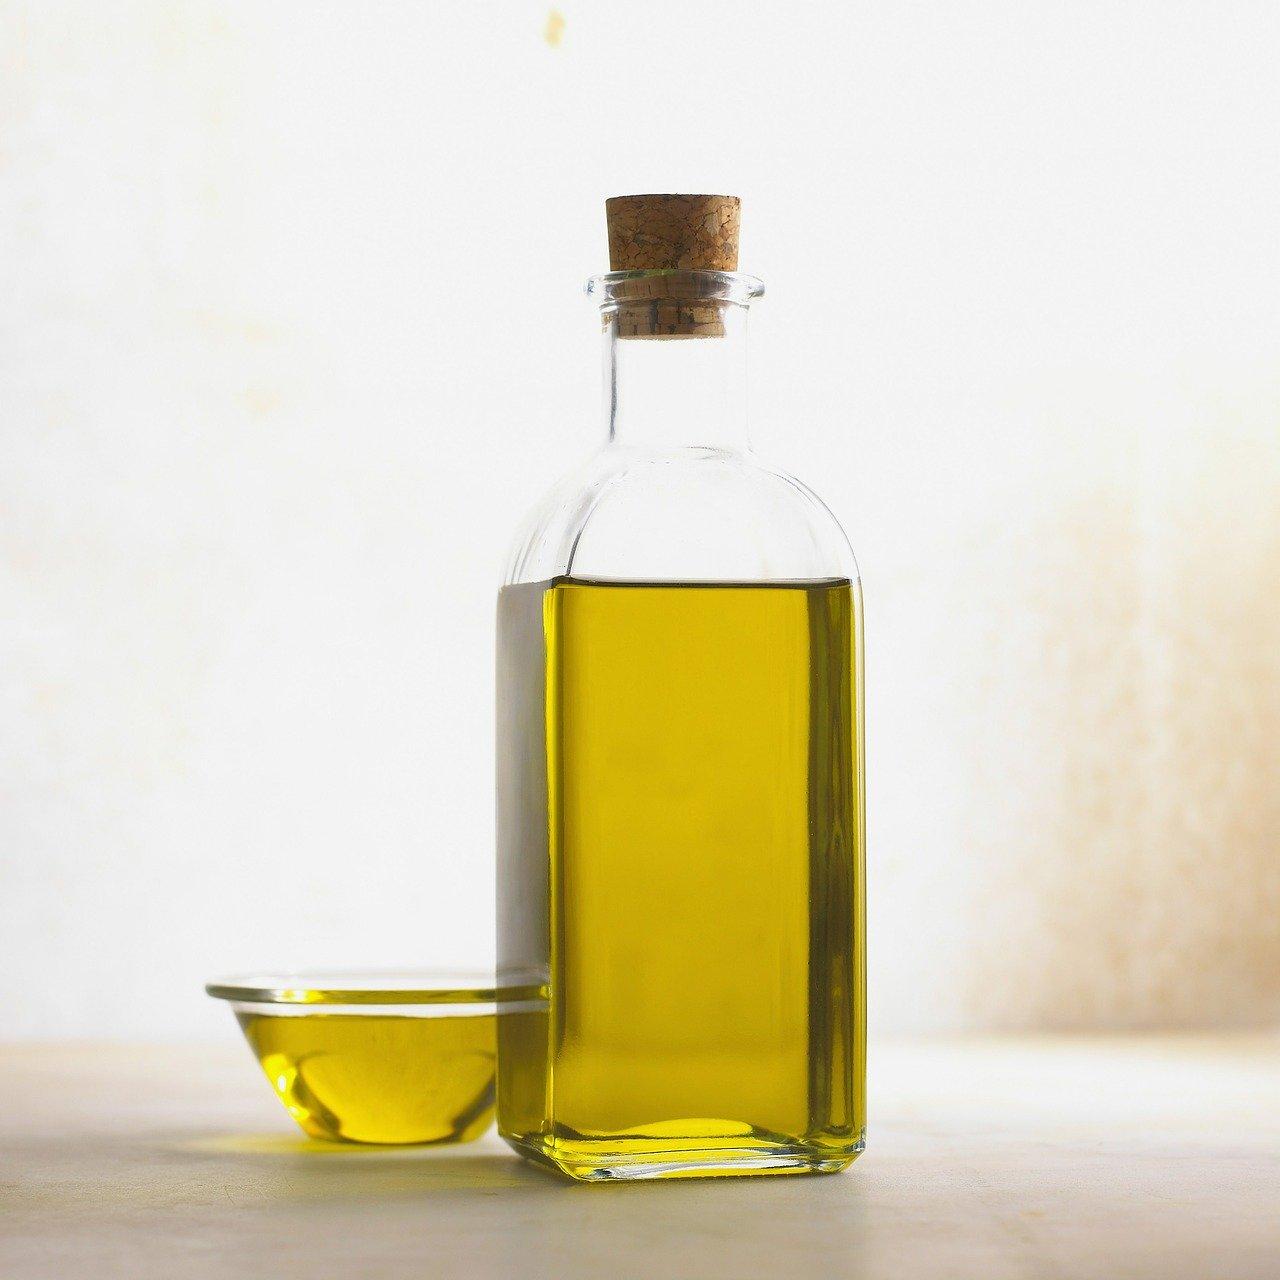 grasimi sanatoase ulei presat la rece